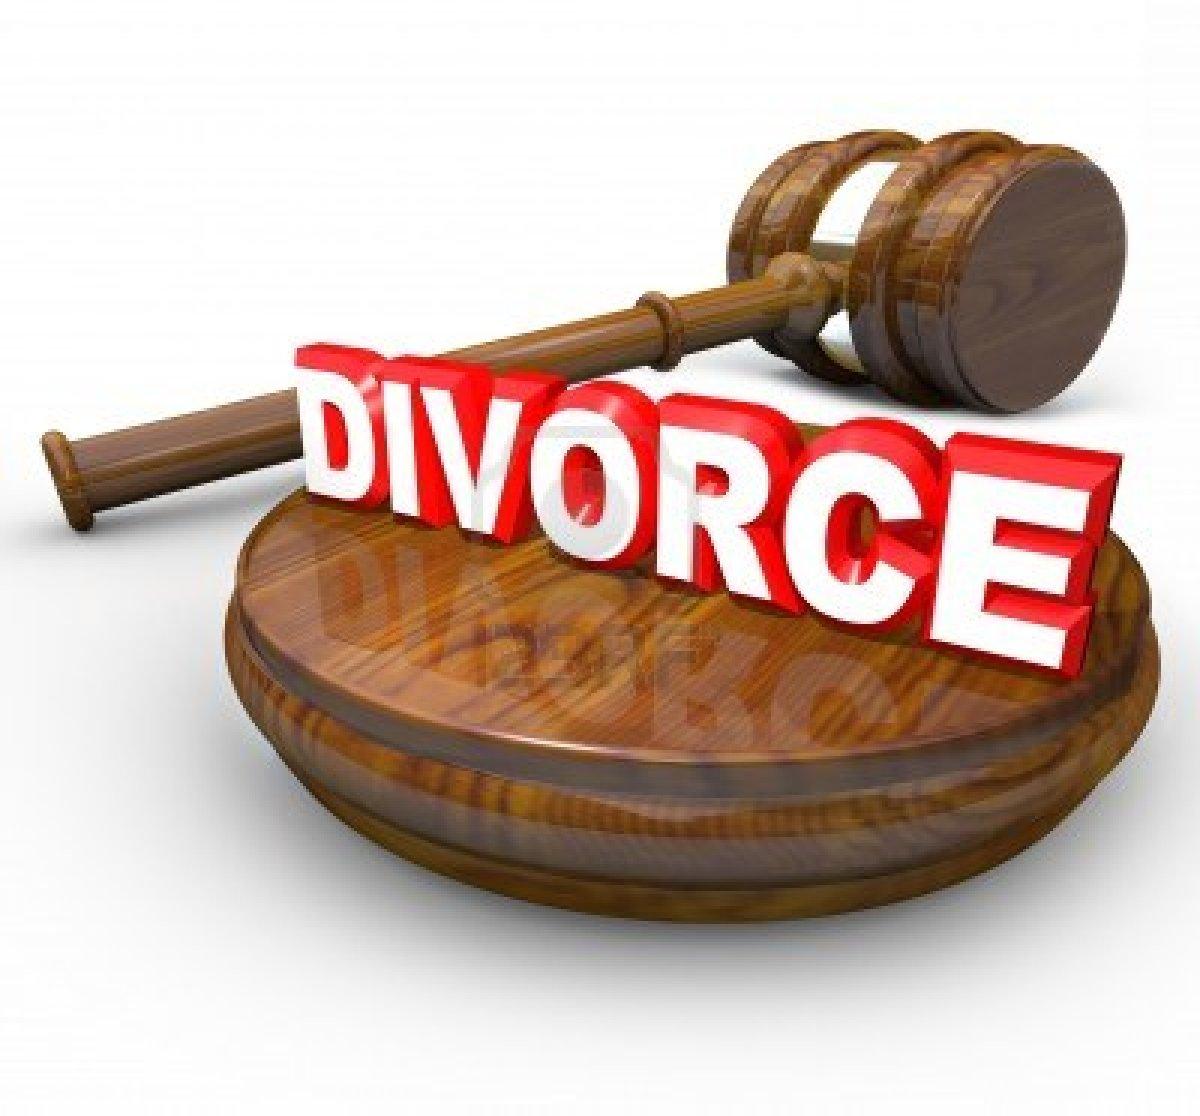 Divorce Cases: Woman Asks Mississippi Court To Dismiss Same-sex Divorce